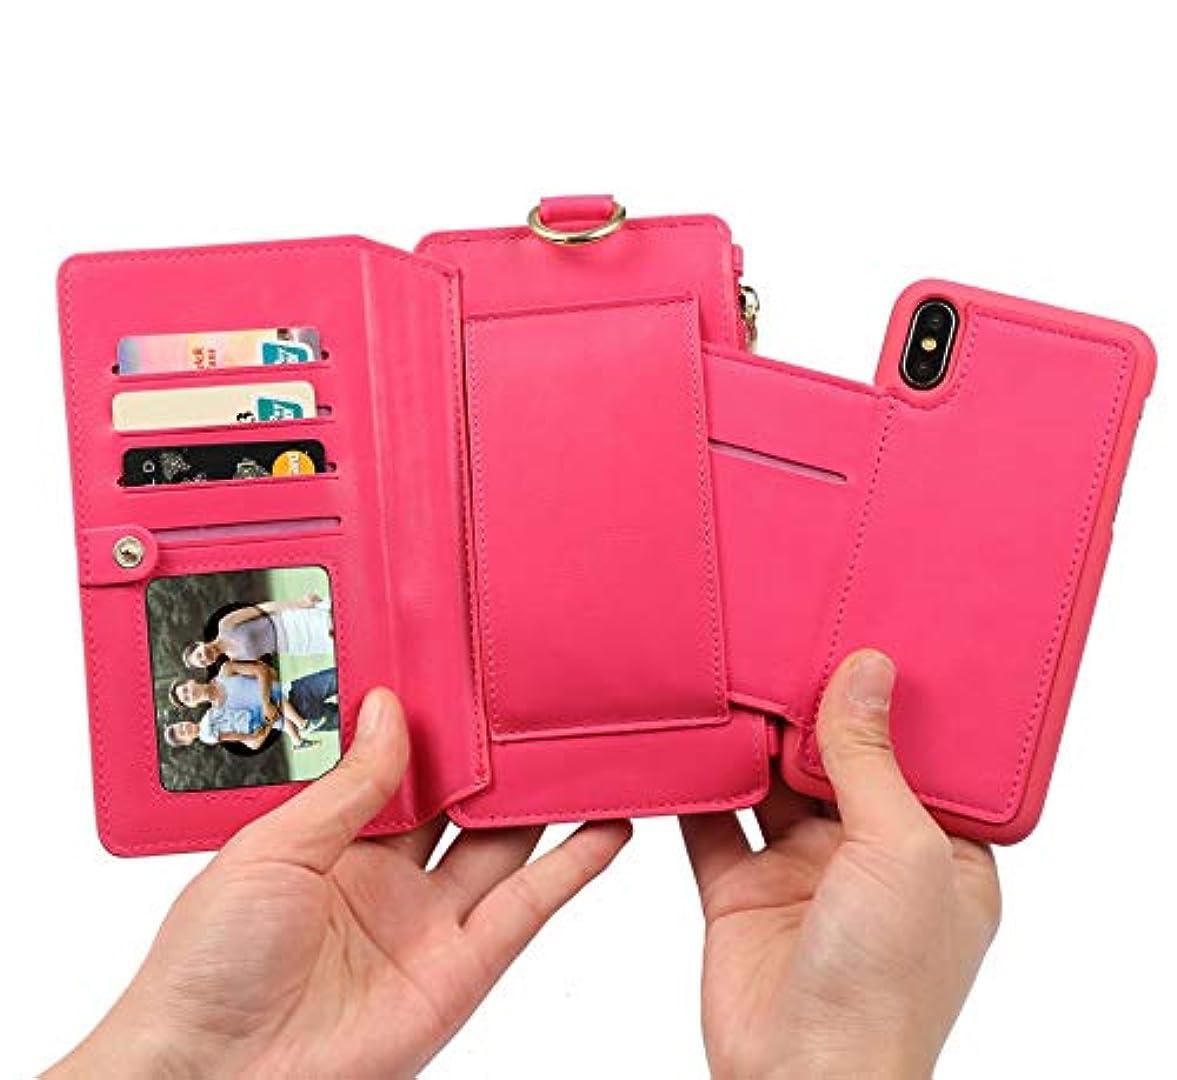 バスト文明意欲iPhone 8 Plus パソコンExit包保護套 - 折りたたみ保護袖 - 立ちブラケット-ビジネススタイル-全身保護-内殻金属リング-12札入れ-相枠-取り外し可能な電話ケース財布 5.5インチiPhone 7 Plus...